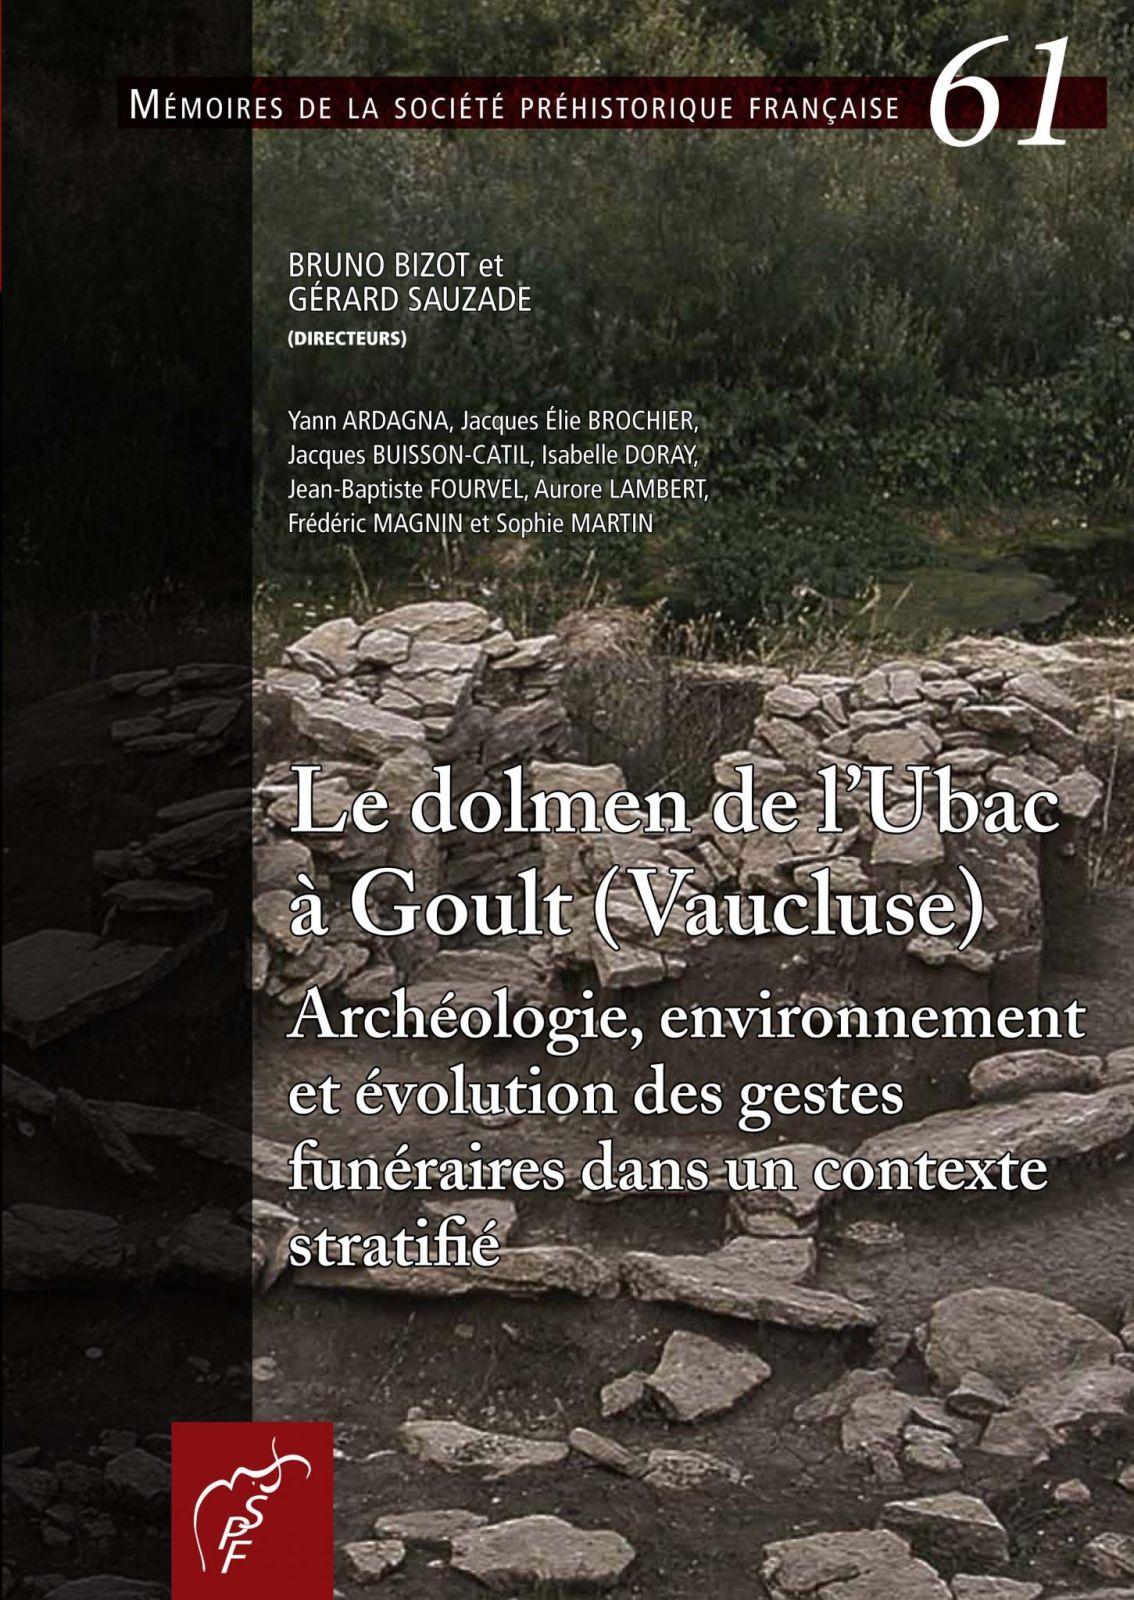 Le dolmen de l'Ubac (couverture de la publication)